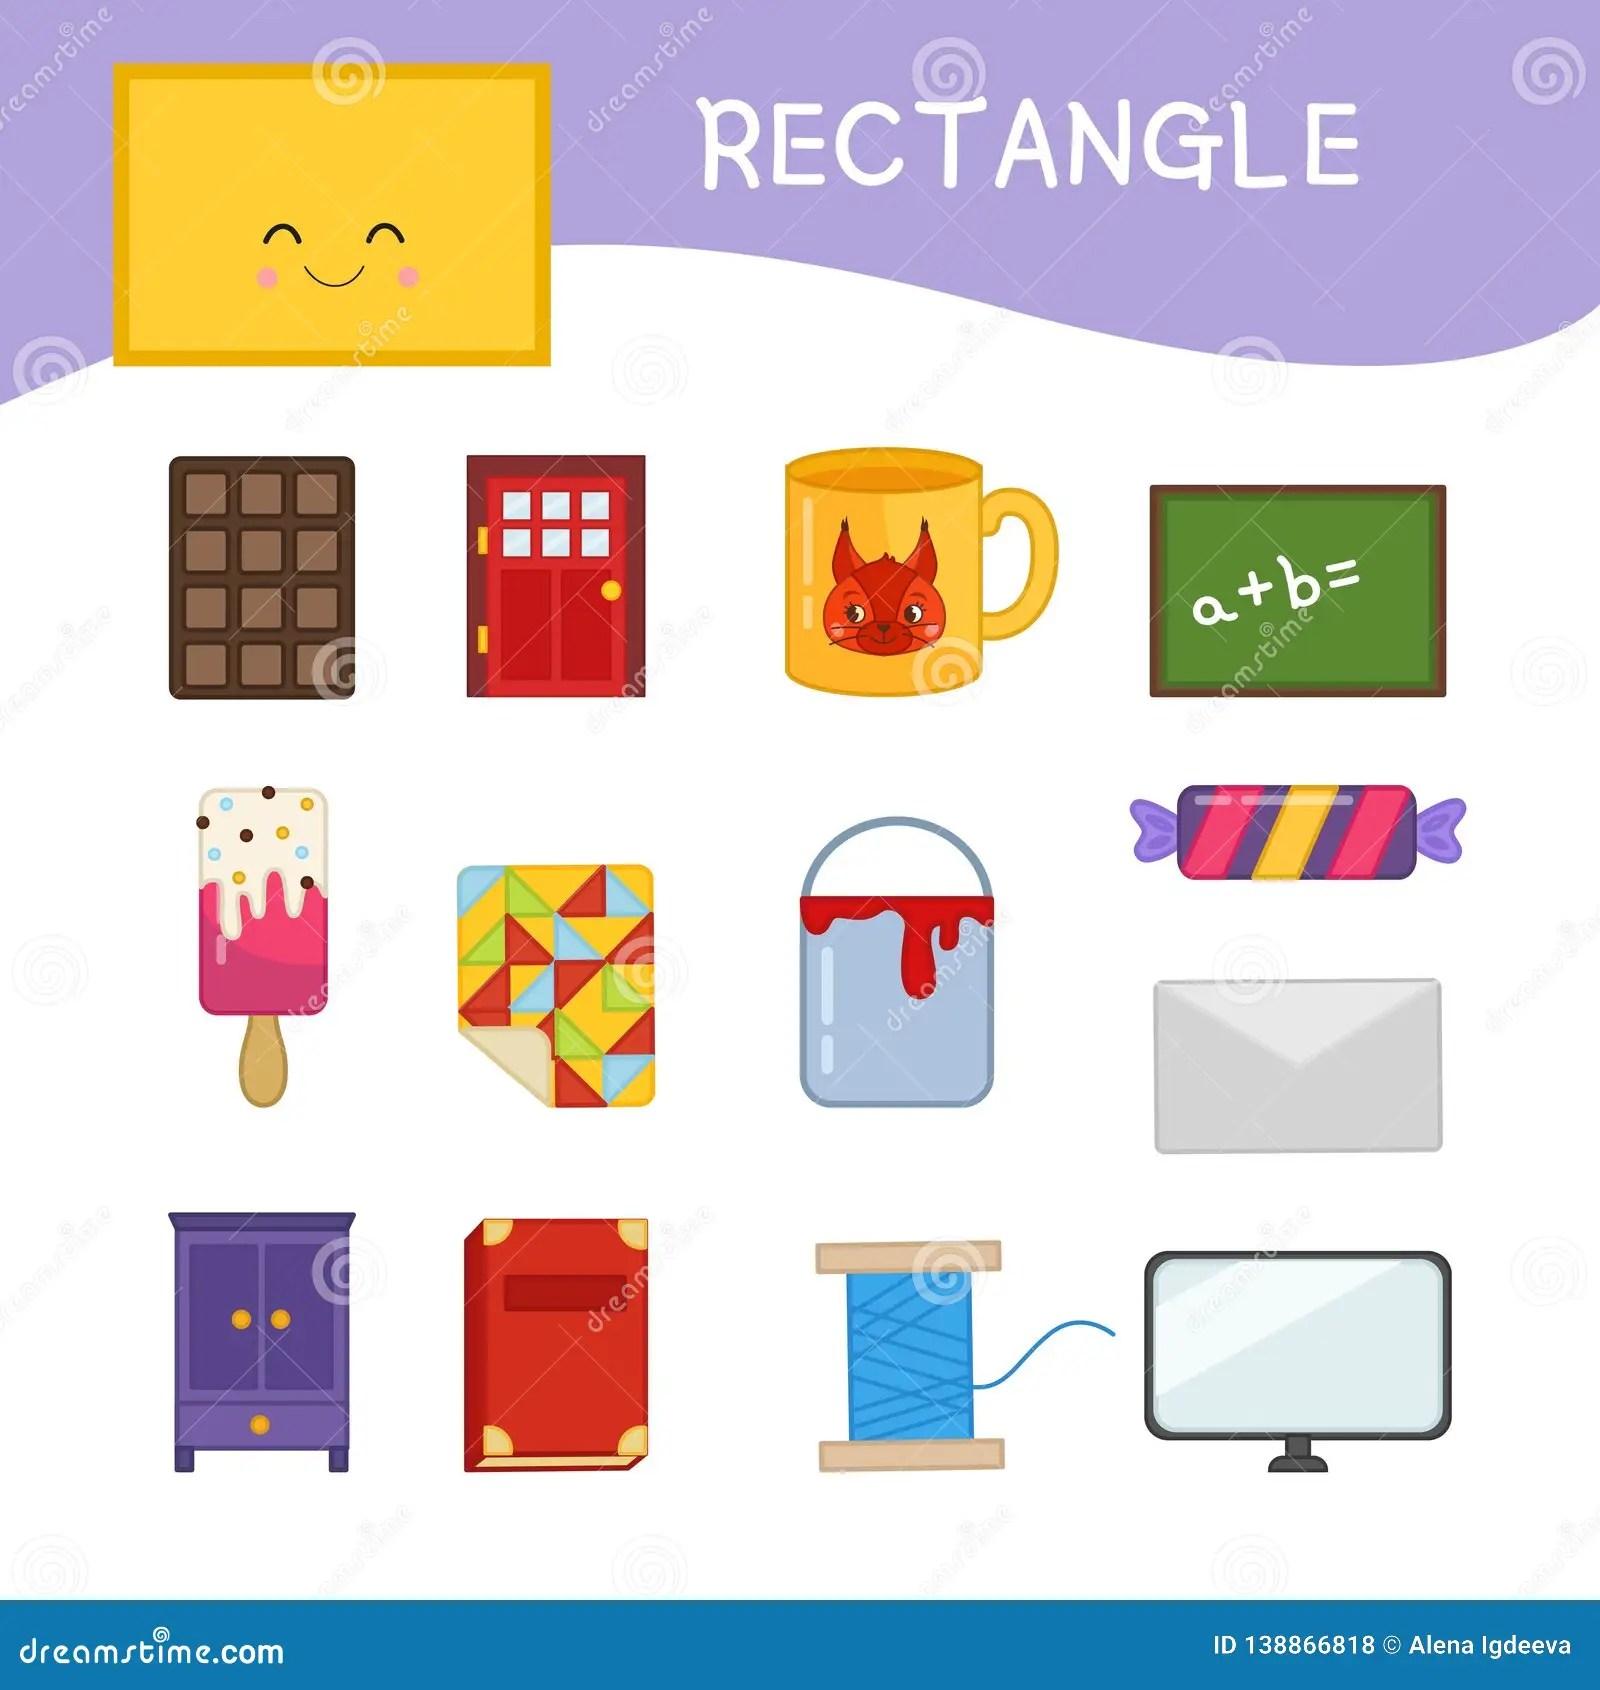 Rectangle Worksheets For Kindergarten